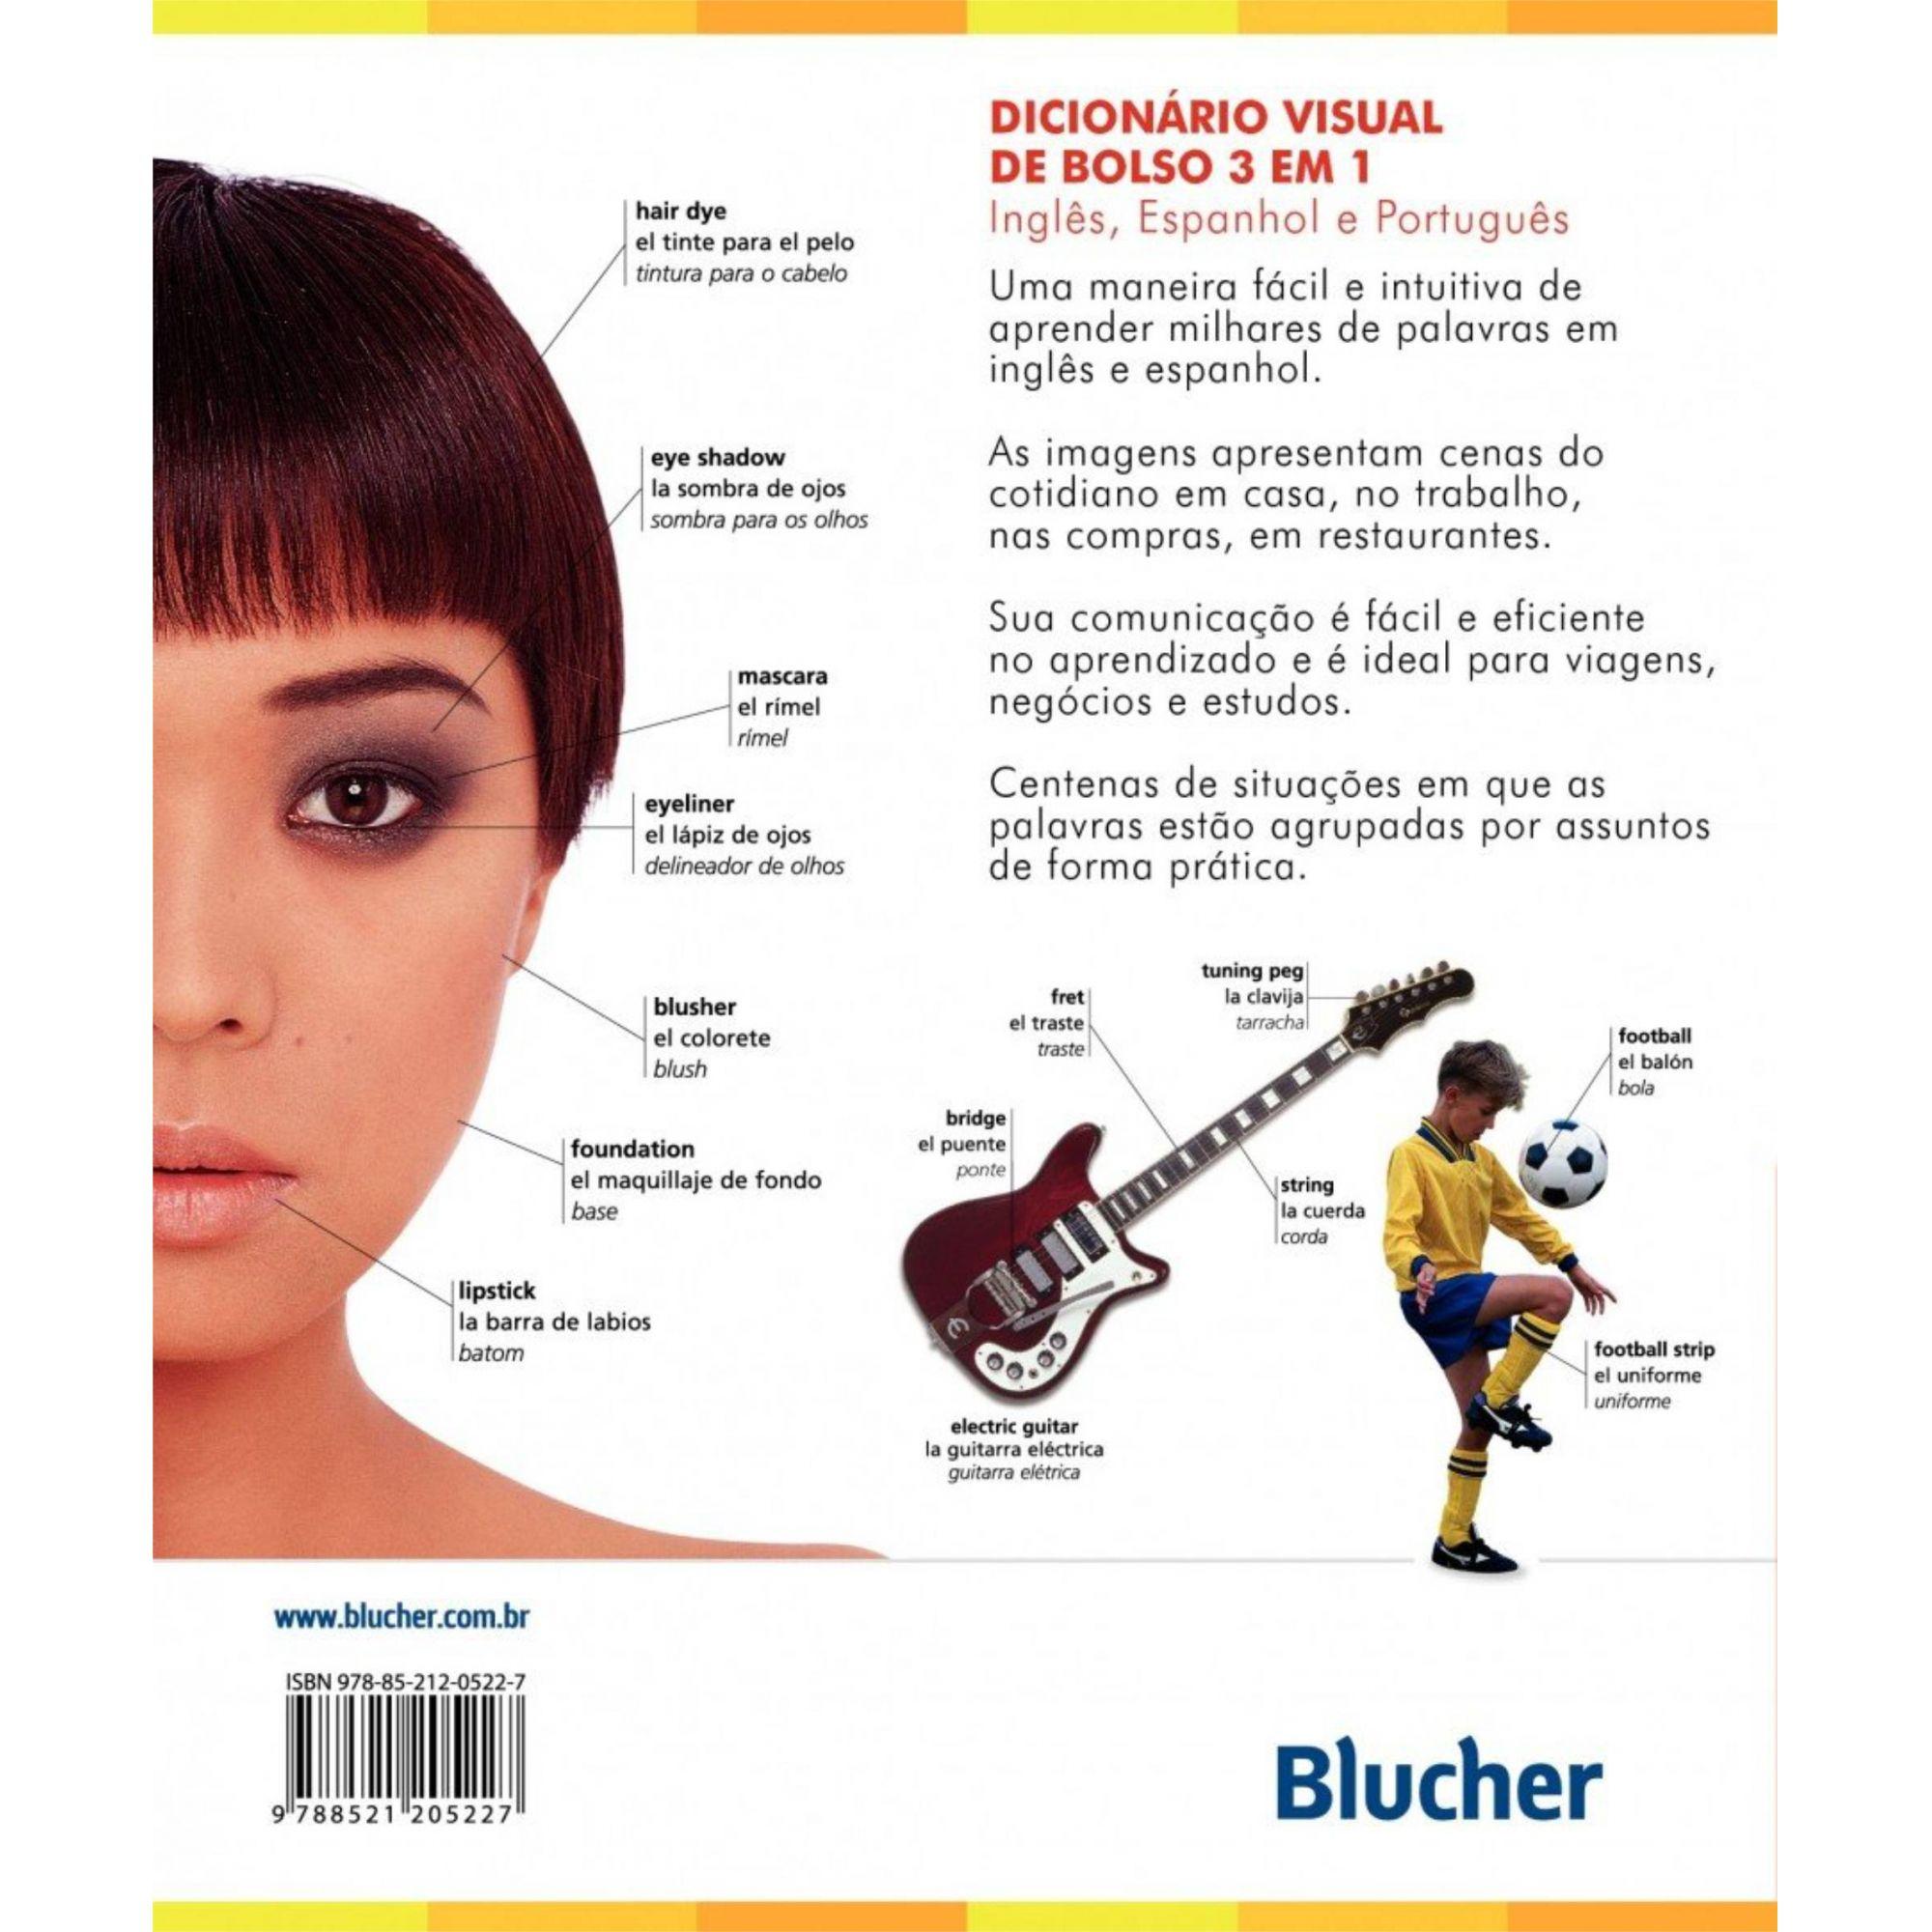 Dicionário Visual de Bolso 3 em 1 - Inglês, Espanhol, Português -